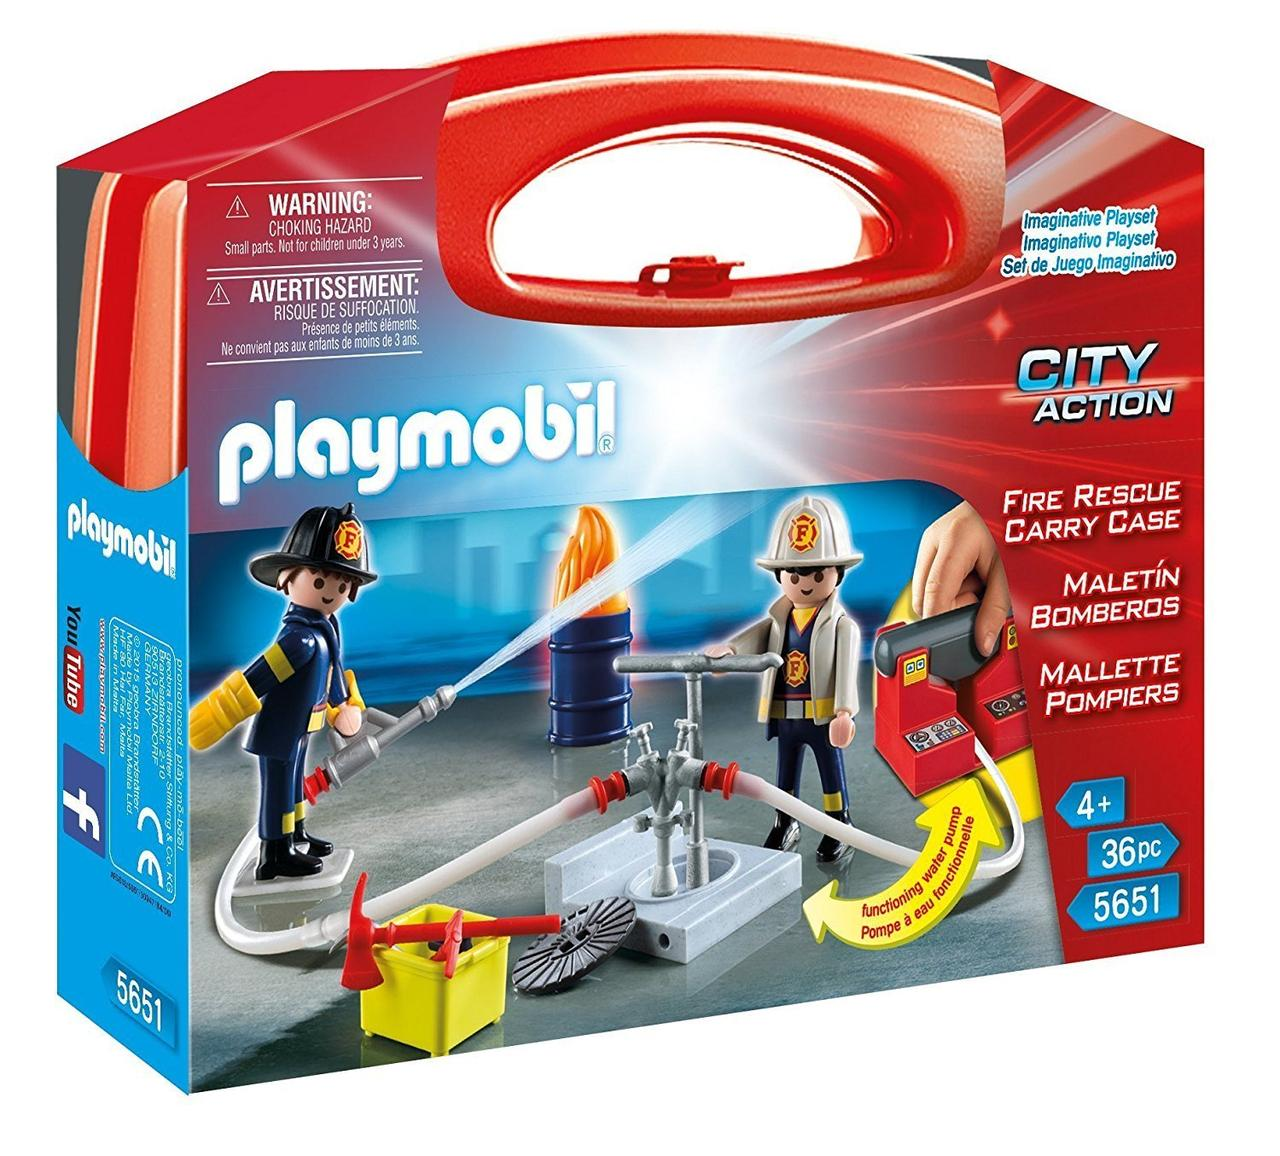 Игровой набор ПлейМобил Пожарная служба PLAYMOBIL Fire Rescue Carry Case